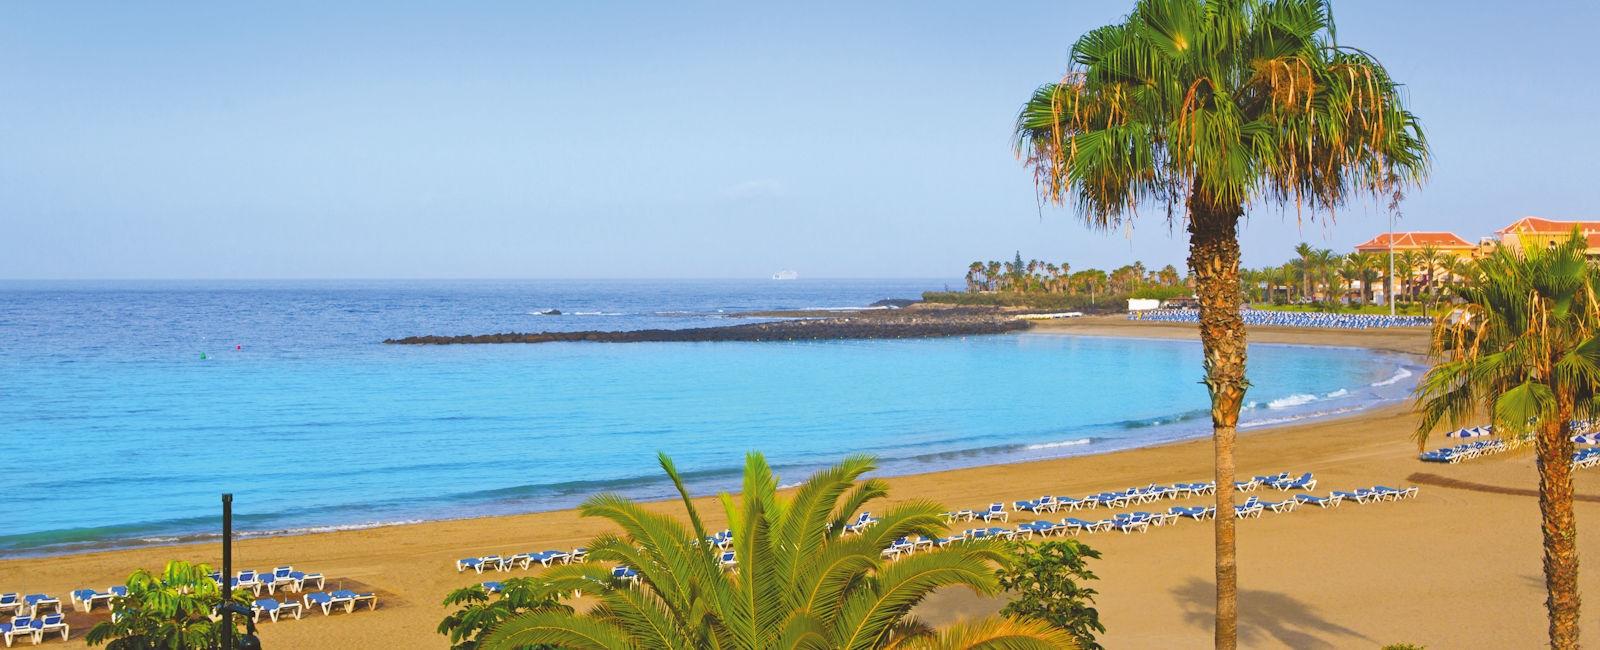 Luxury Costa Adeje Holidays